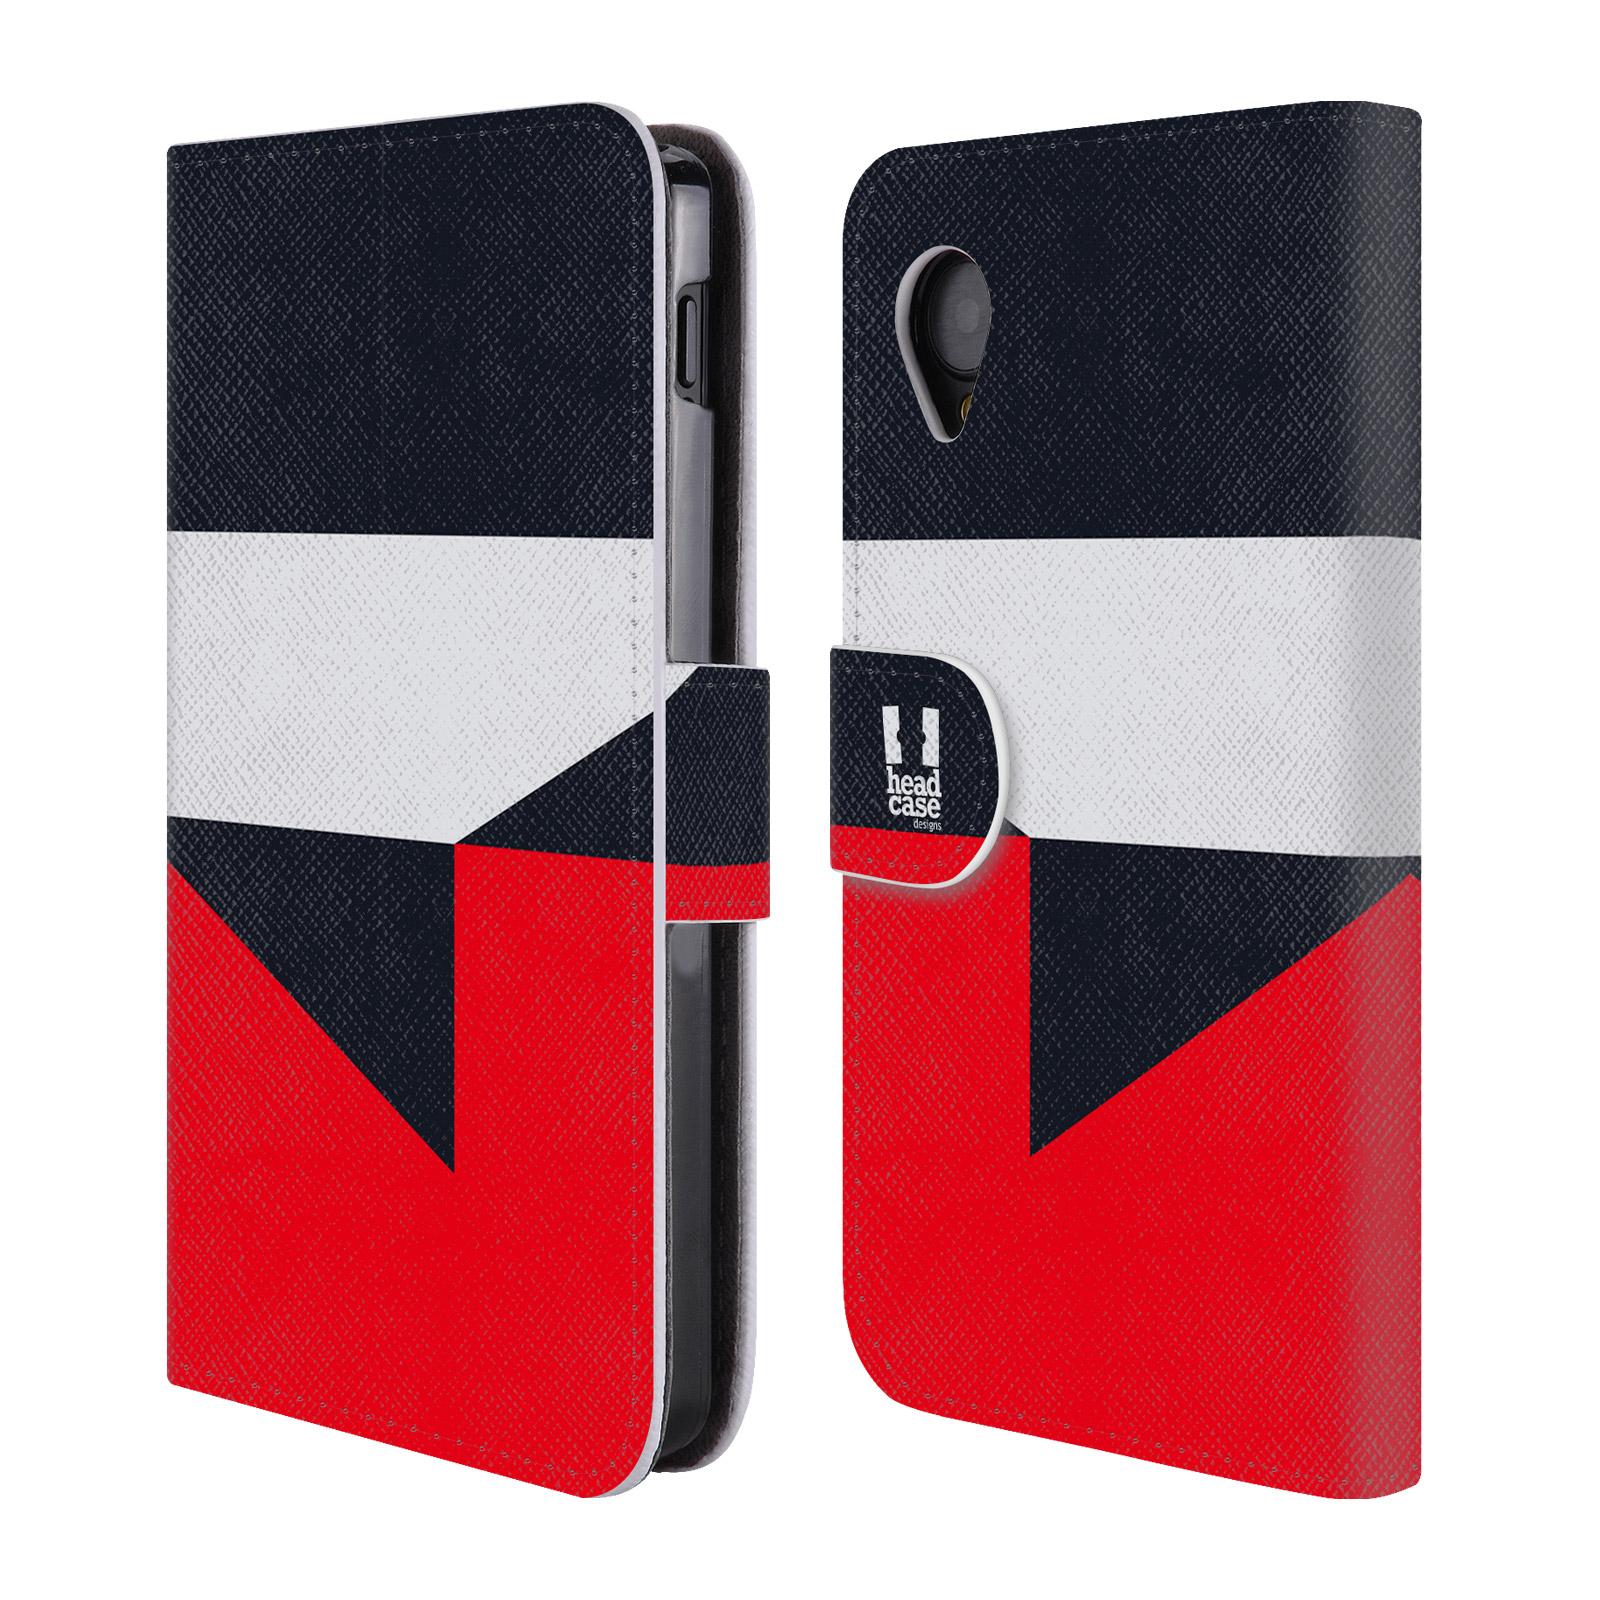 HEAD CASE Flipové pouzdro pro mobil LG GOOGLE NEXUS 5 barevné tvary černá a červená gejša